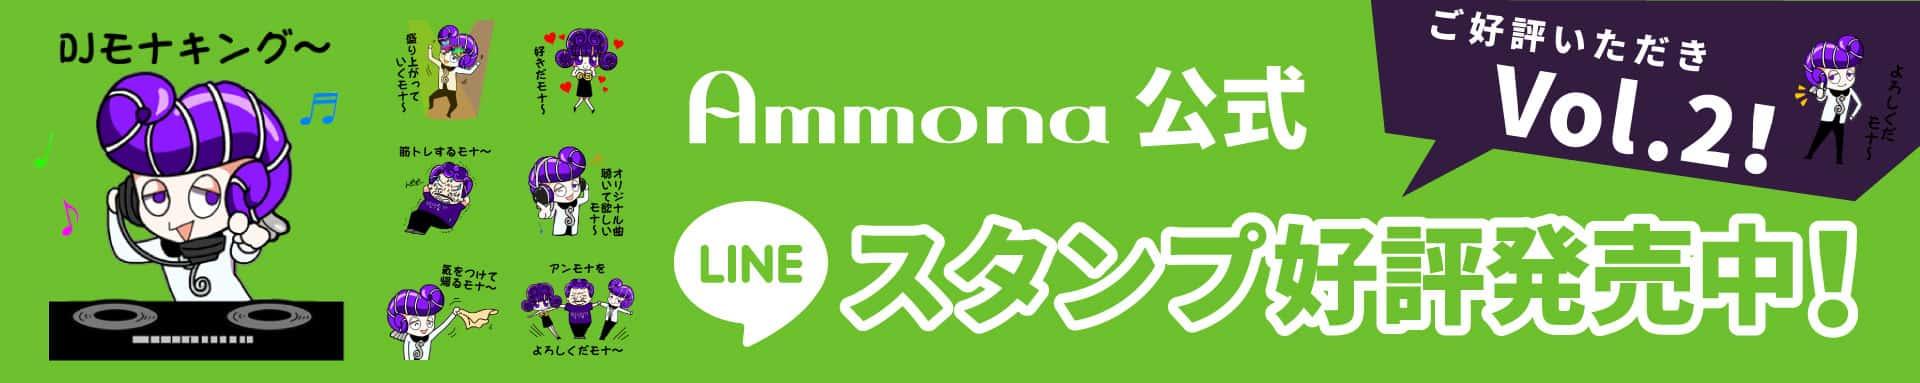 Ammona公式LINEスタンプ モナキング&モナクイーン